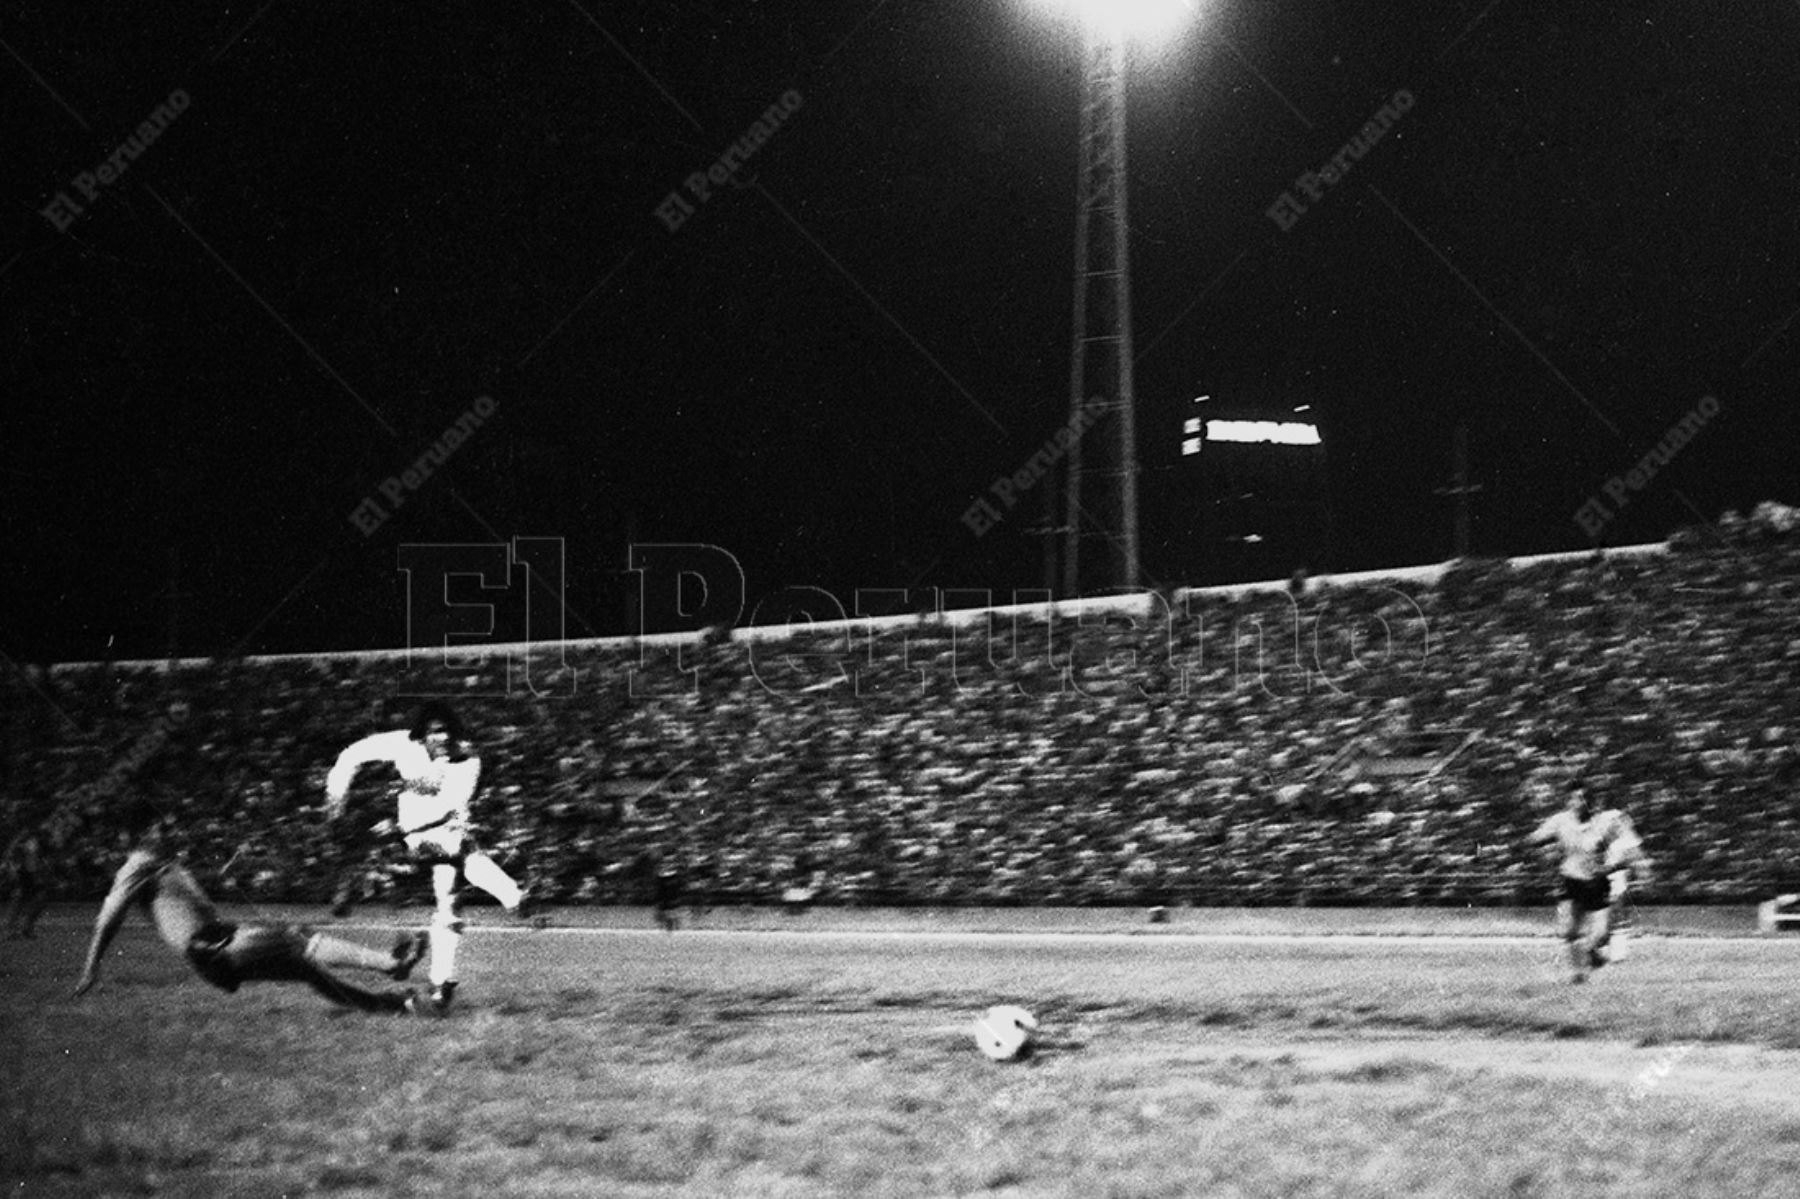 Caracas - 28 octubre 1975 . El seleccionado peruano se coronó campeón sudamericano de fútbol al vencer 1-0 a Colombia con gol de Hugo Sotil. Foto: Archivo Histórico de El Peruano / Raúl Sagástegui